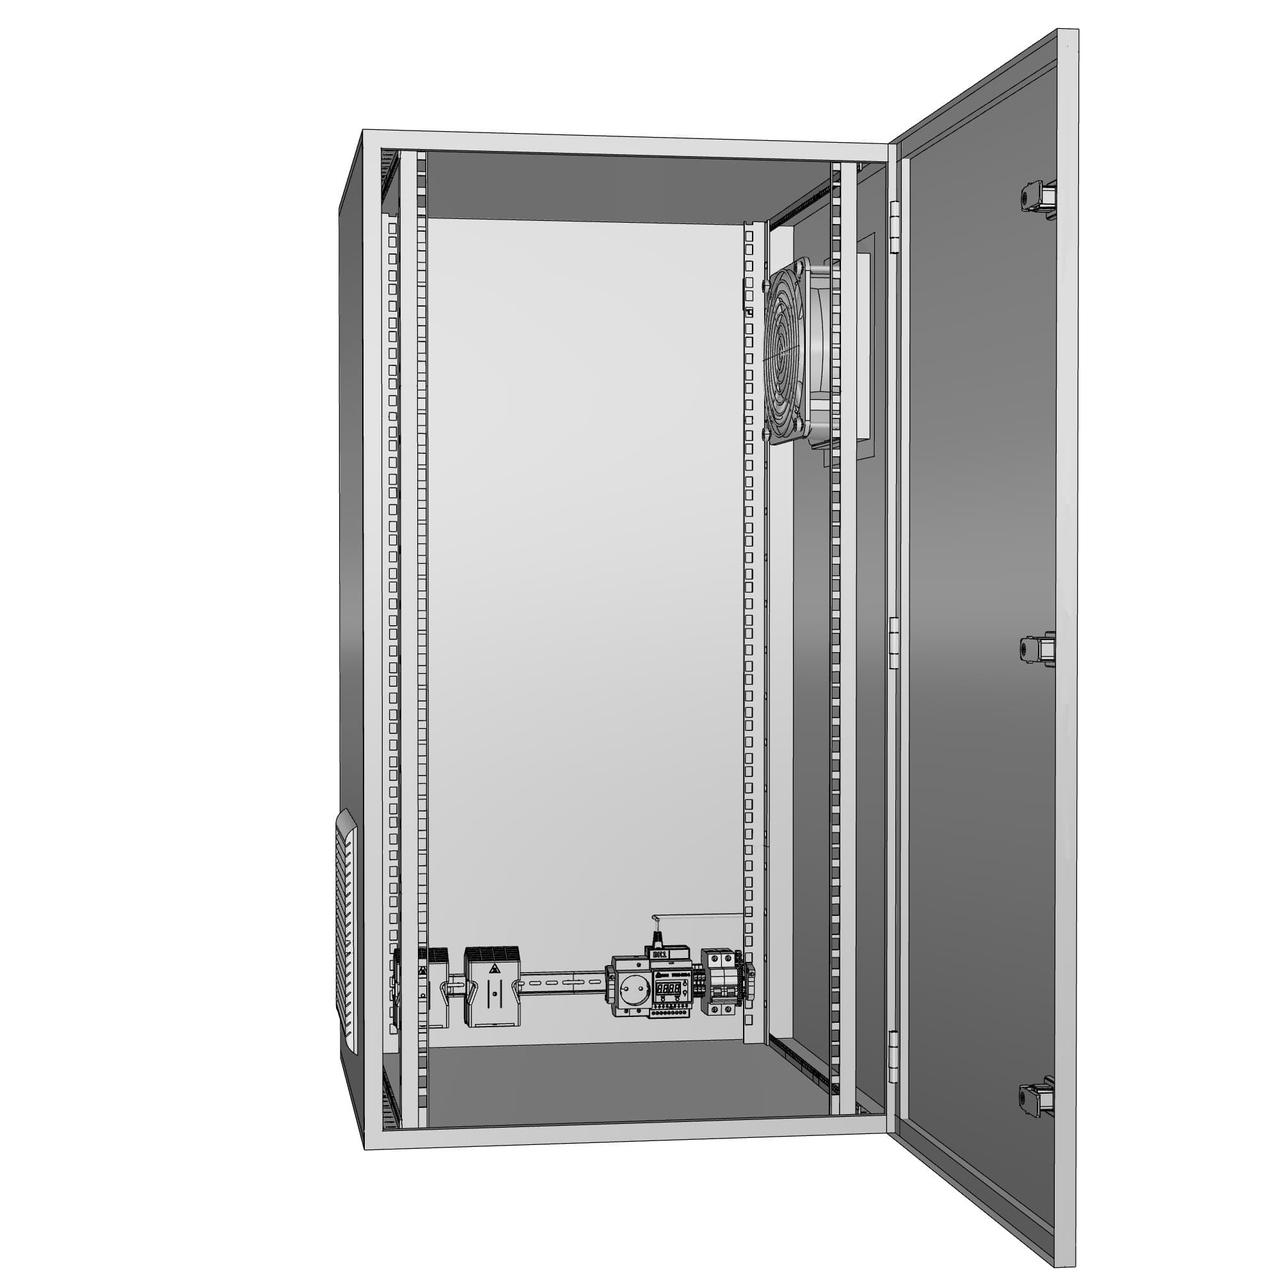 Щит климатический утеплённый с обогревом ЩКу- О- 5 - 800×600×300 (В×Ш×Г) IP65